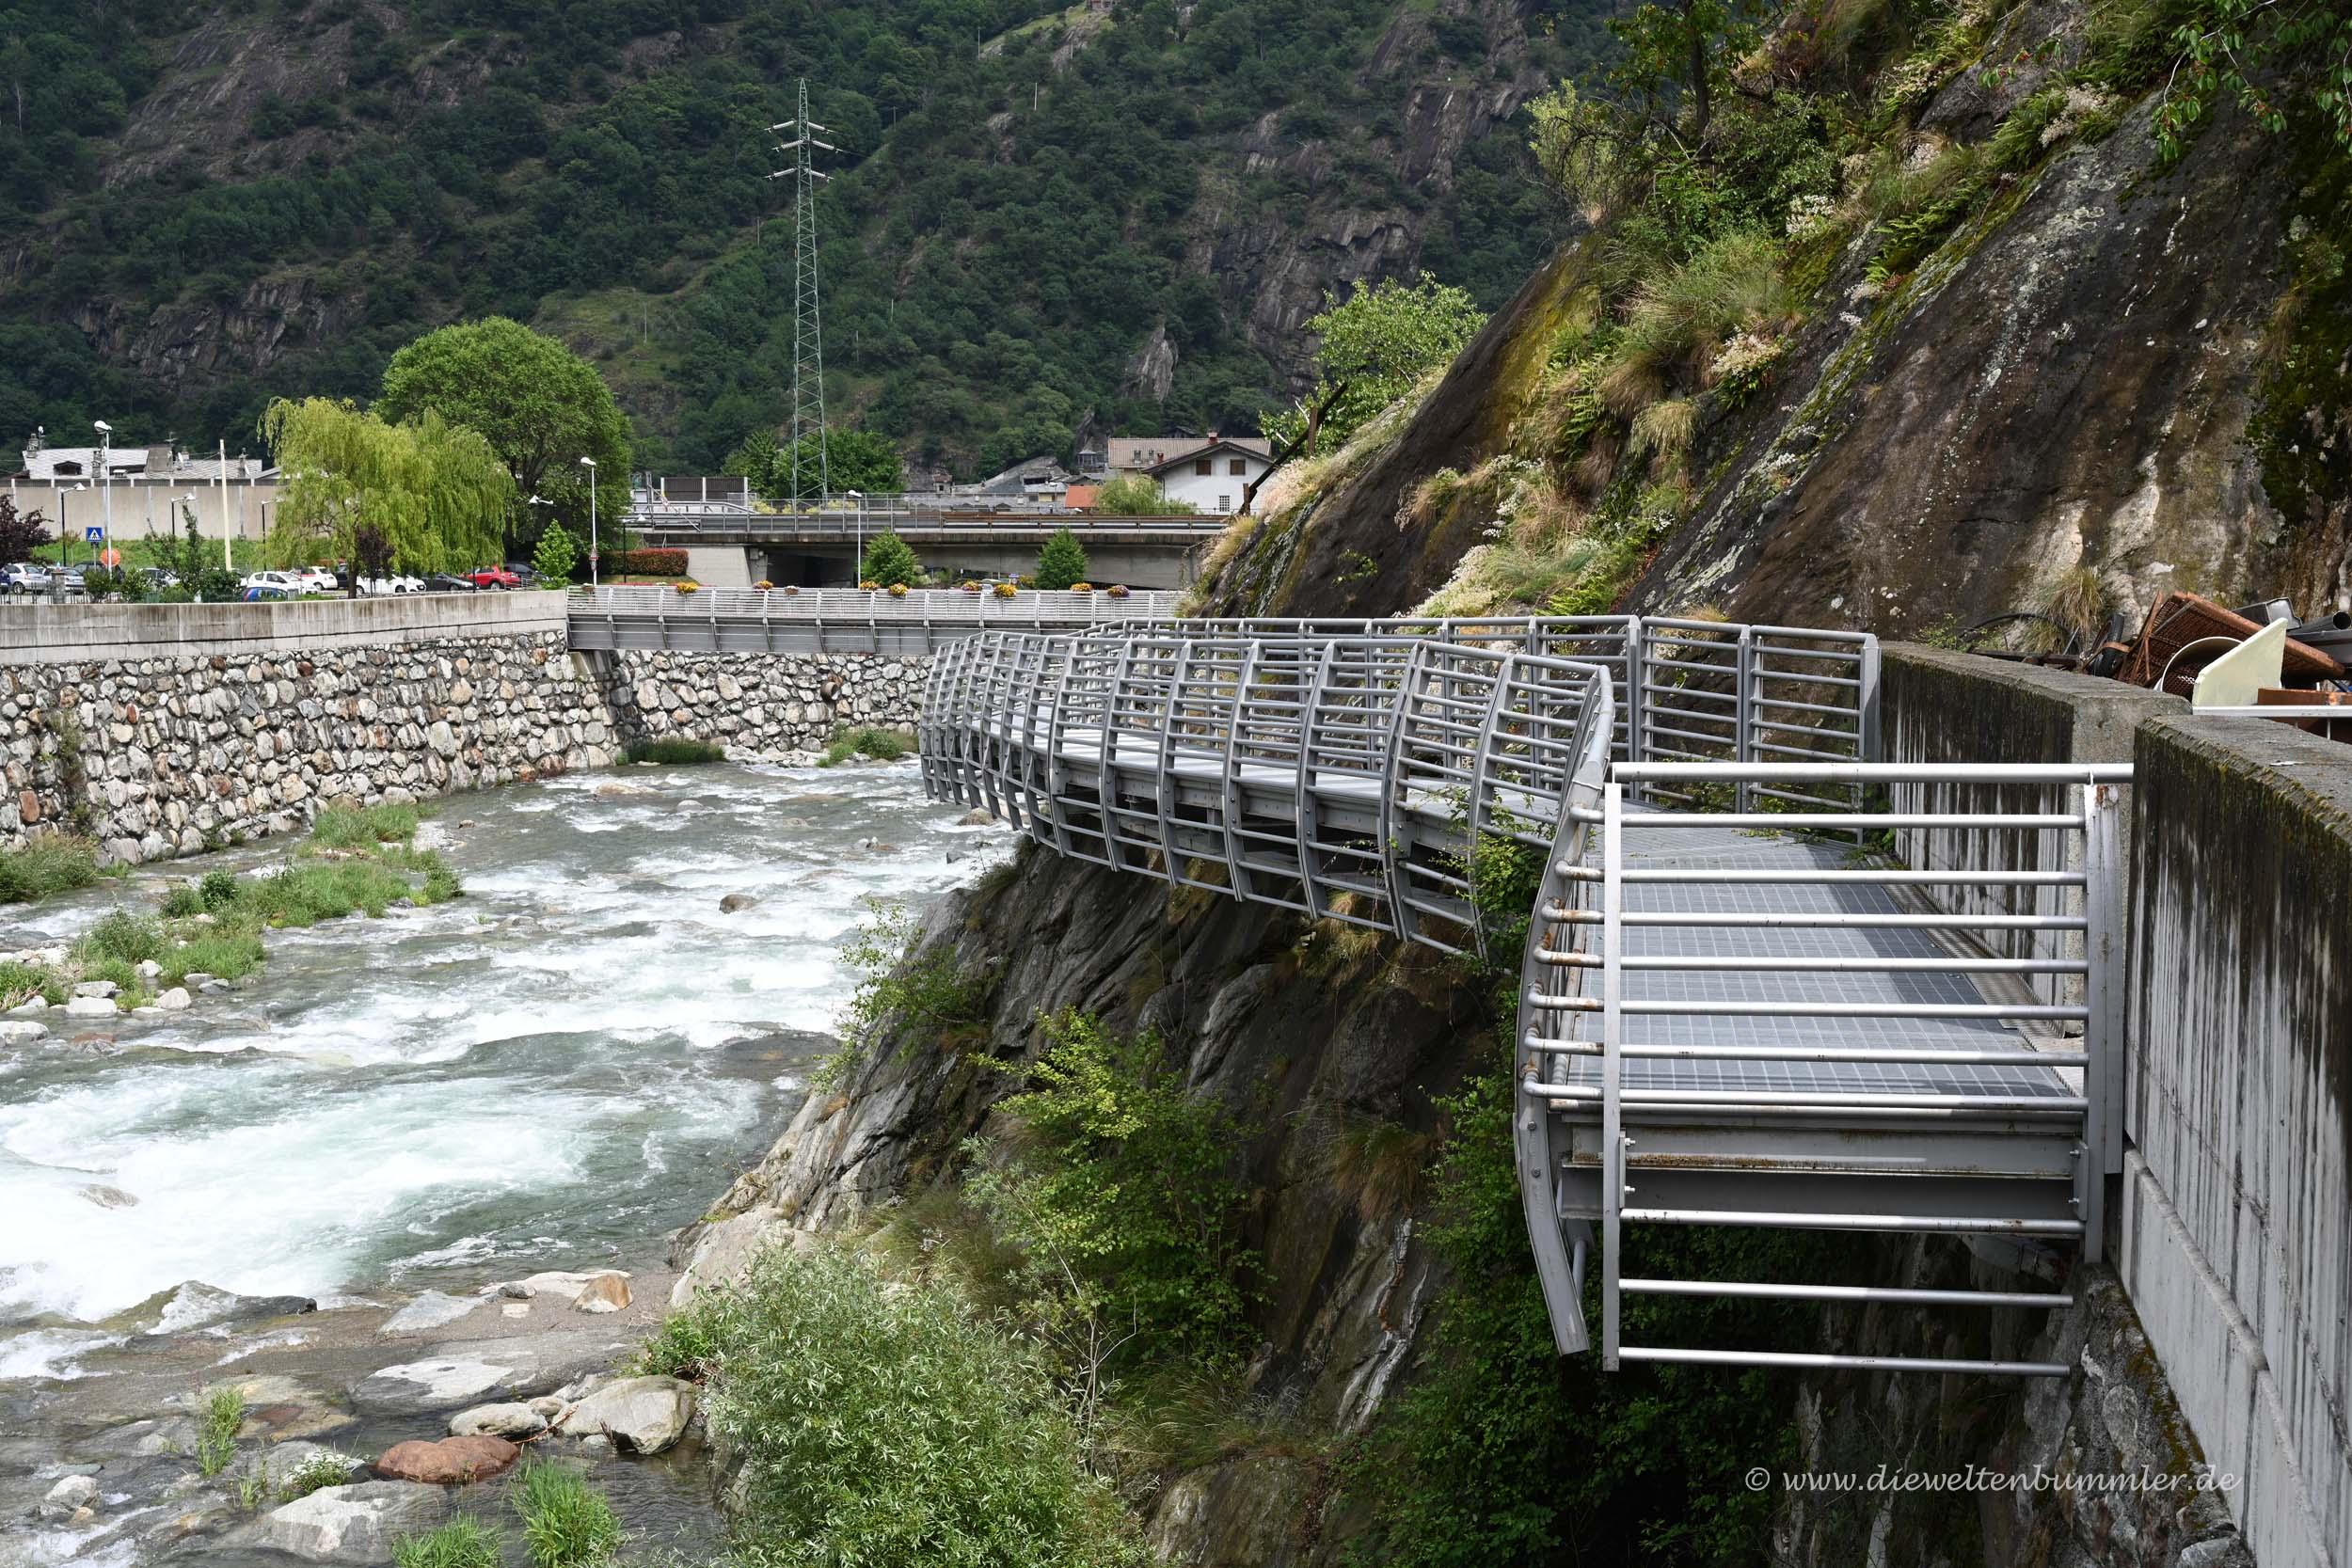 Weg über dem Fluss